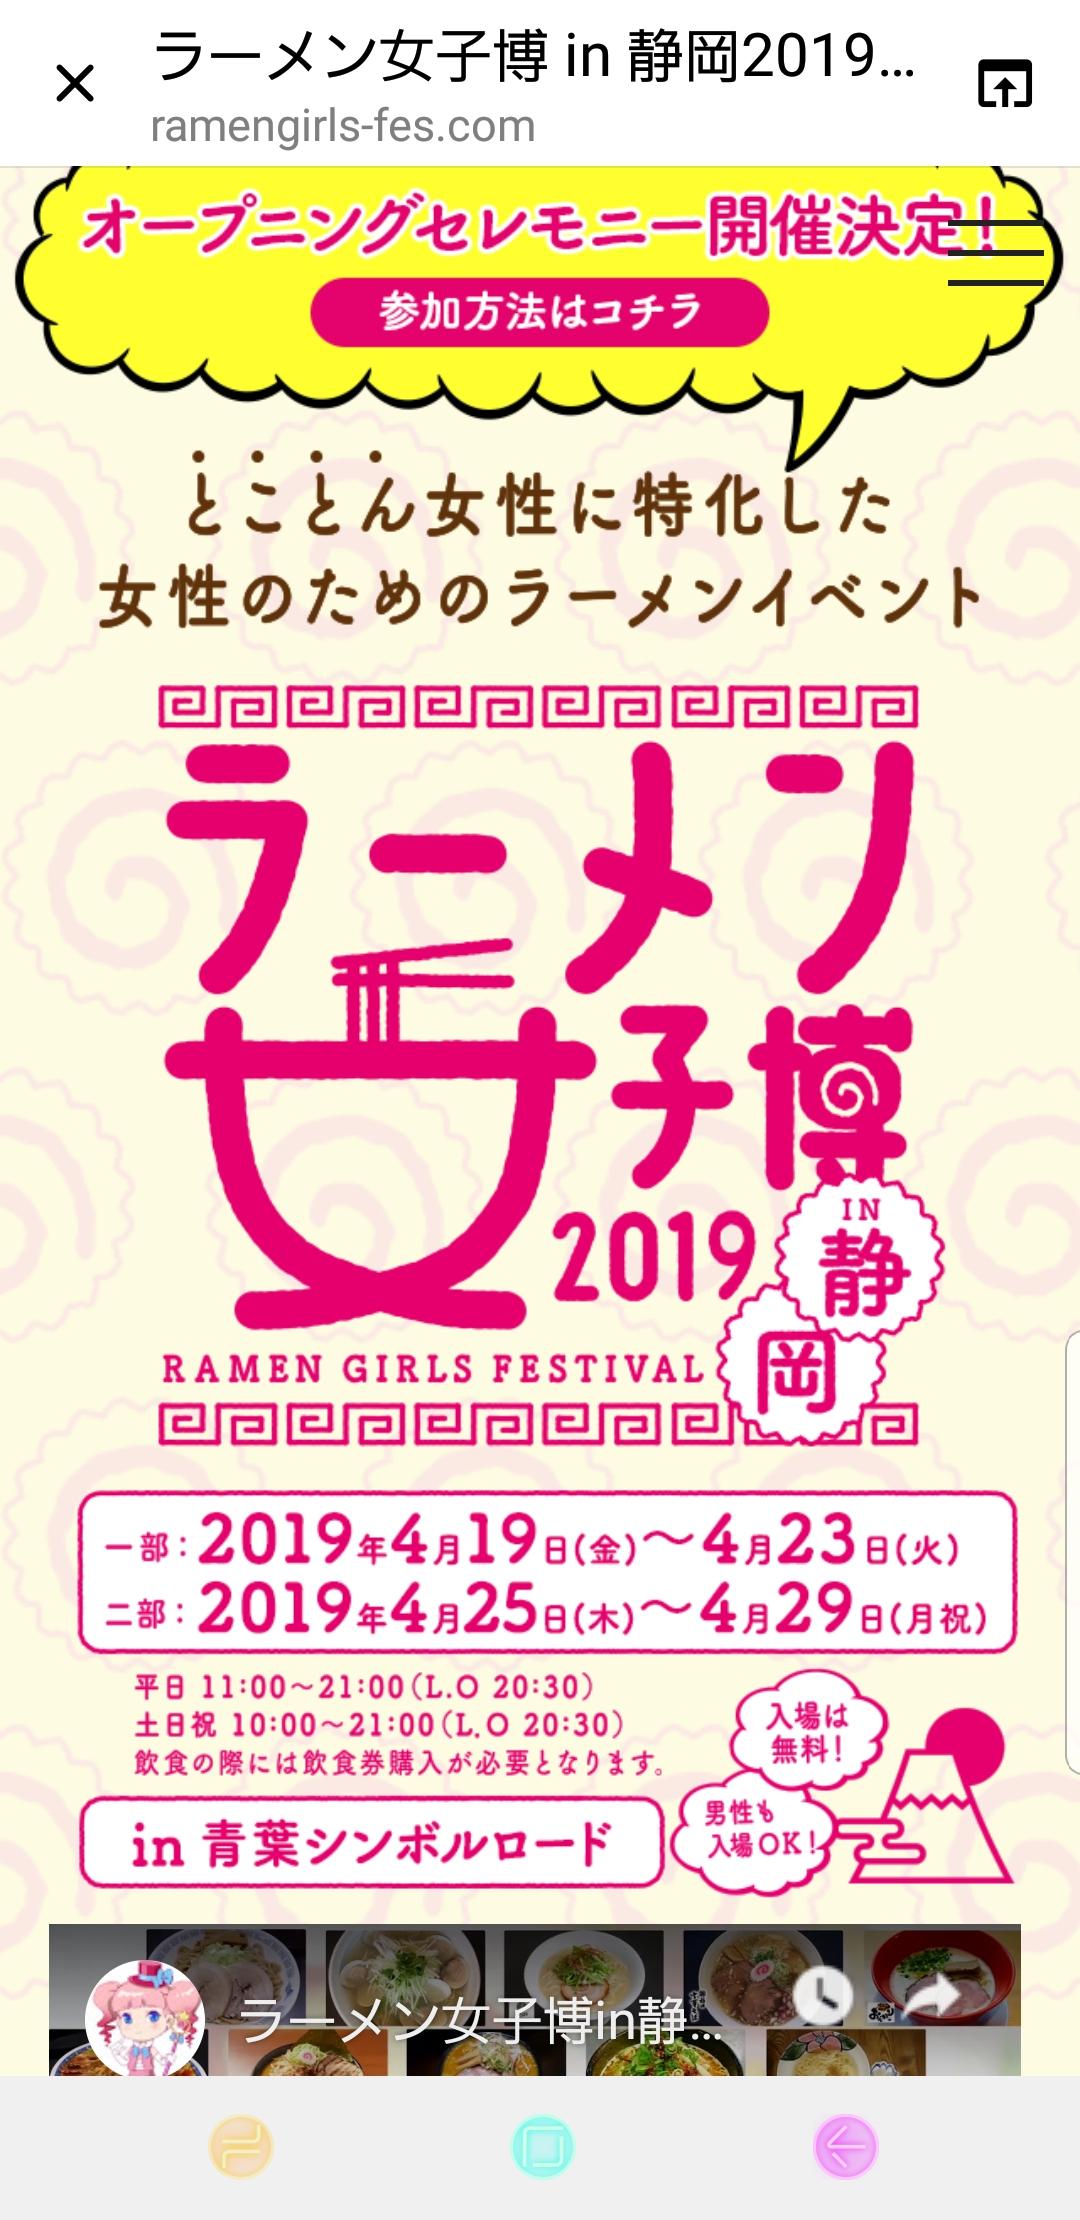 ラーメンの祭典!!!( 静岡市/ラーメン)